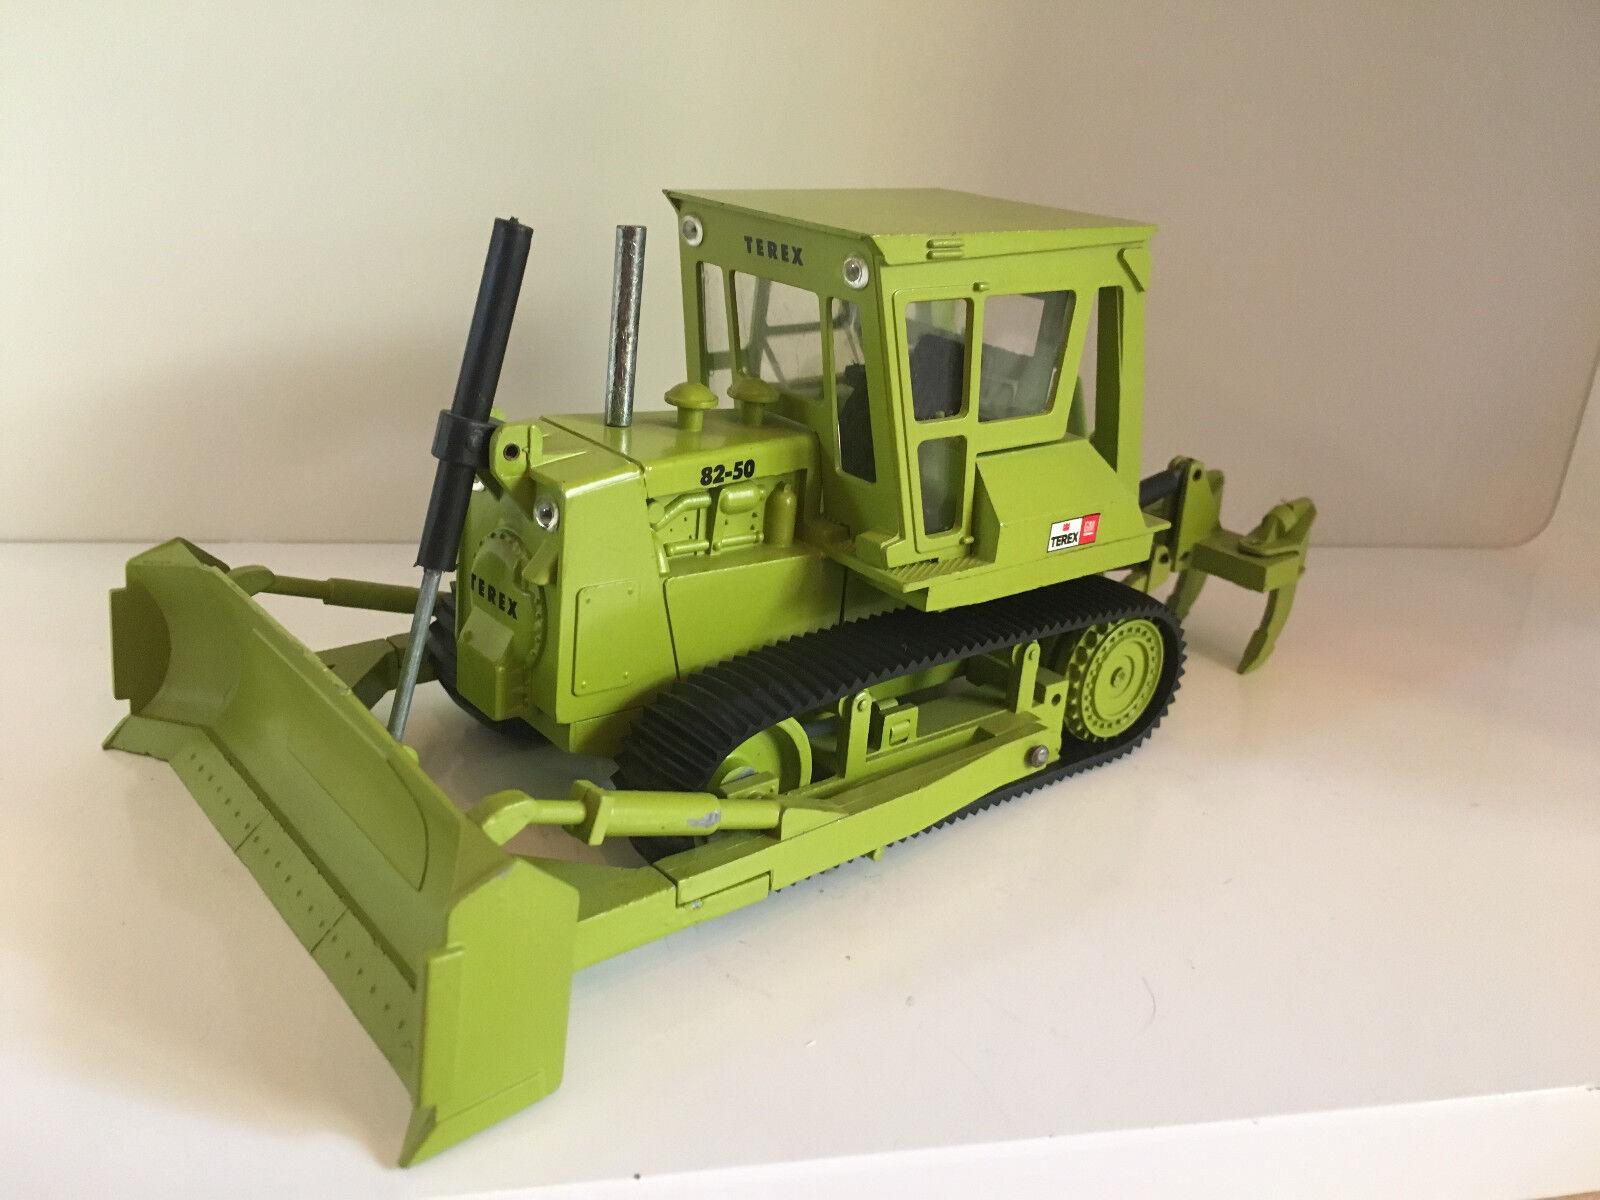 varios tamaños Terex gm gm gm 82-50 bulldozer con Ripper de NZG 164 1 40  diseñador en linea